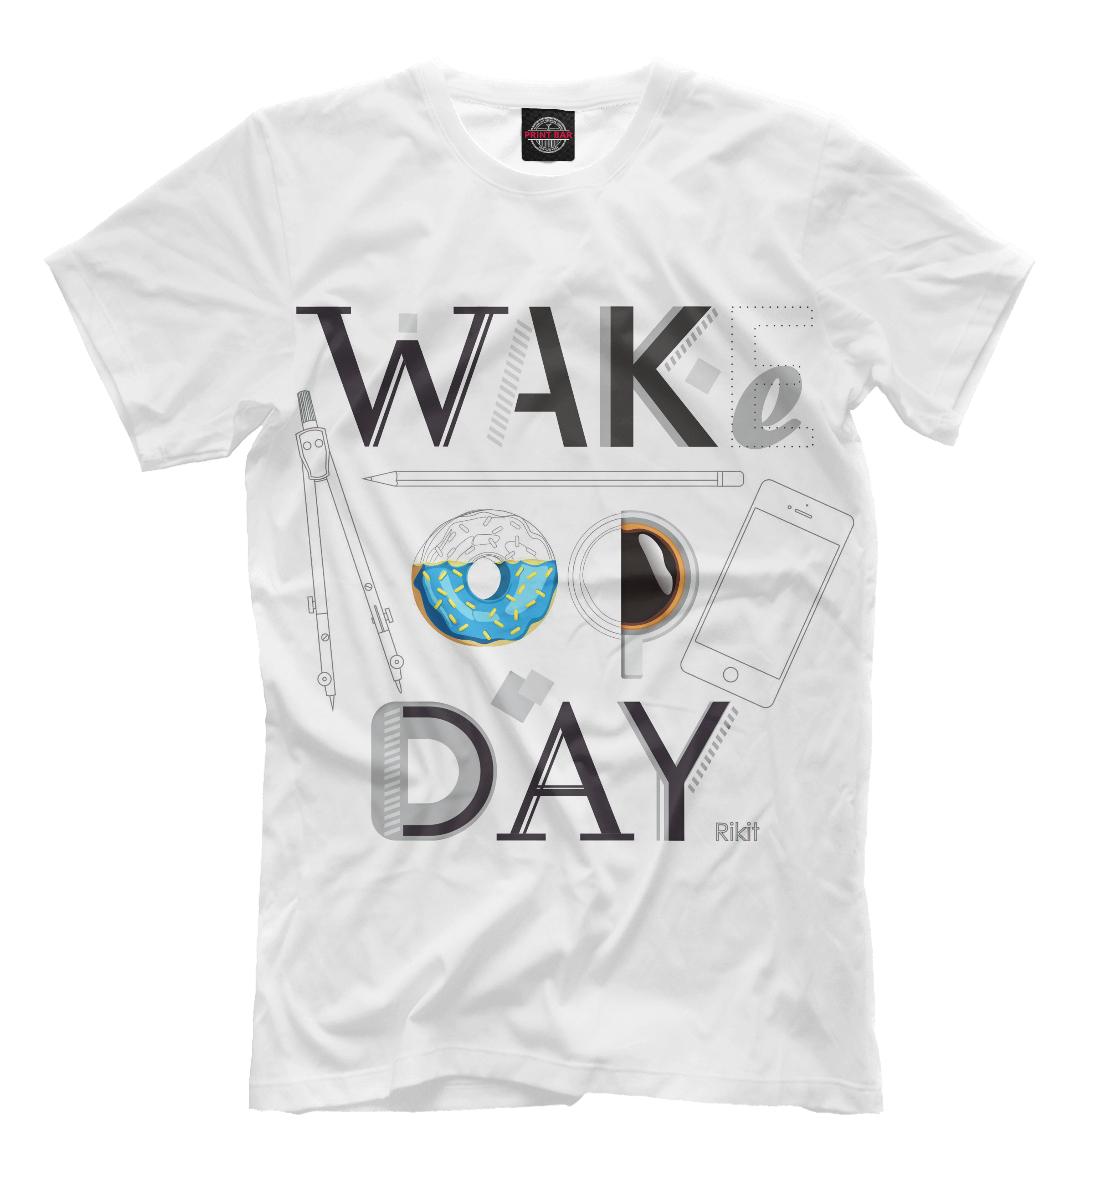 Купить Say wake up day, Printbar, Футболки, DZN-819456-fut-2